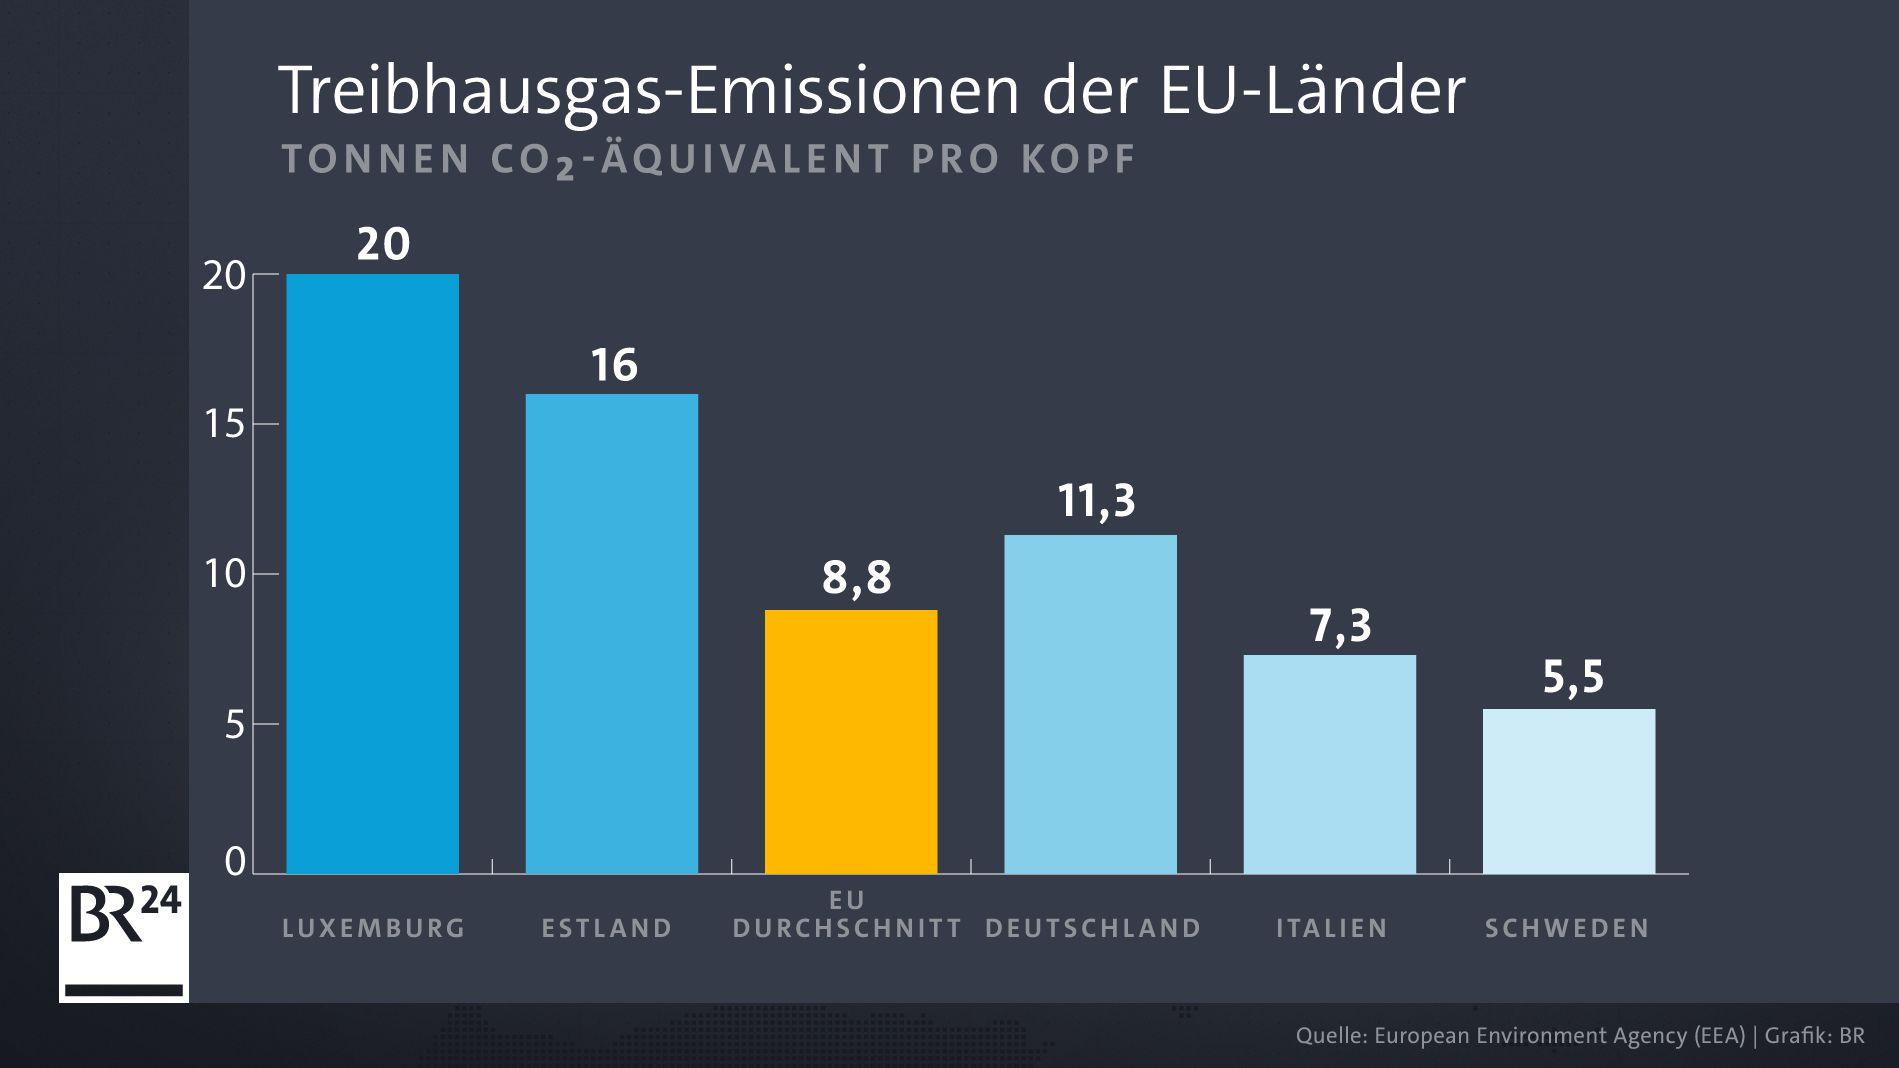 Treibhausgas-Emissionen Deutschland EU Vergleich